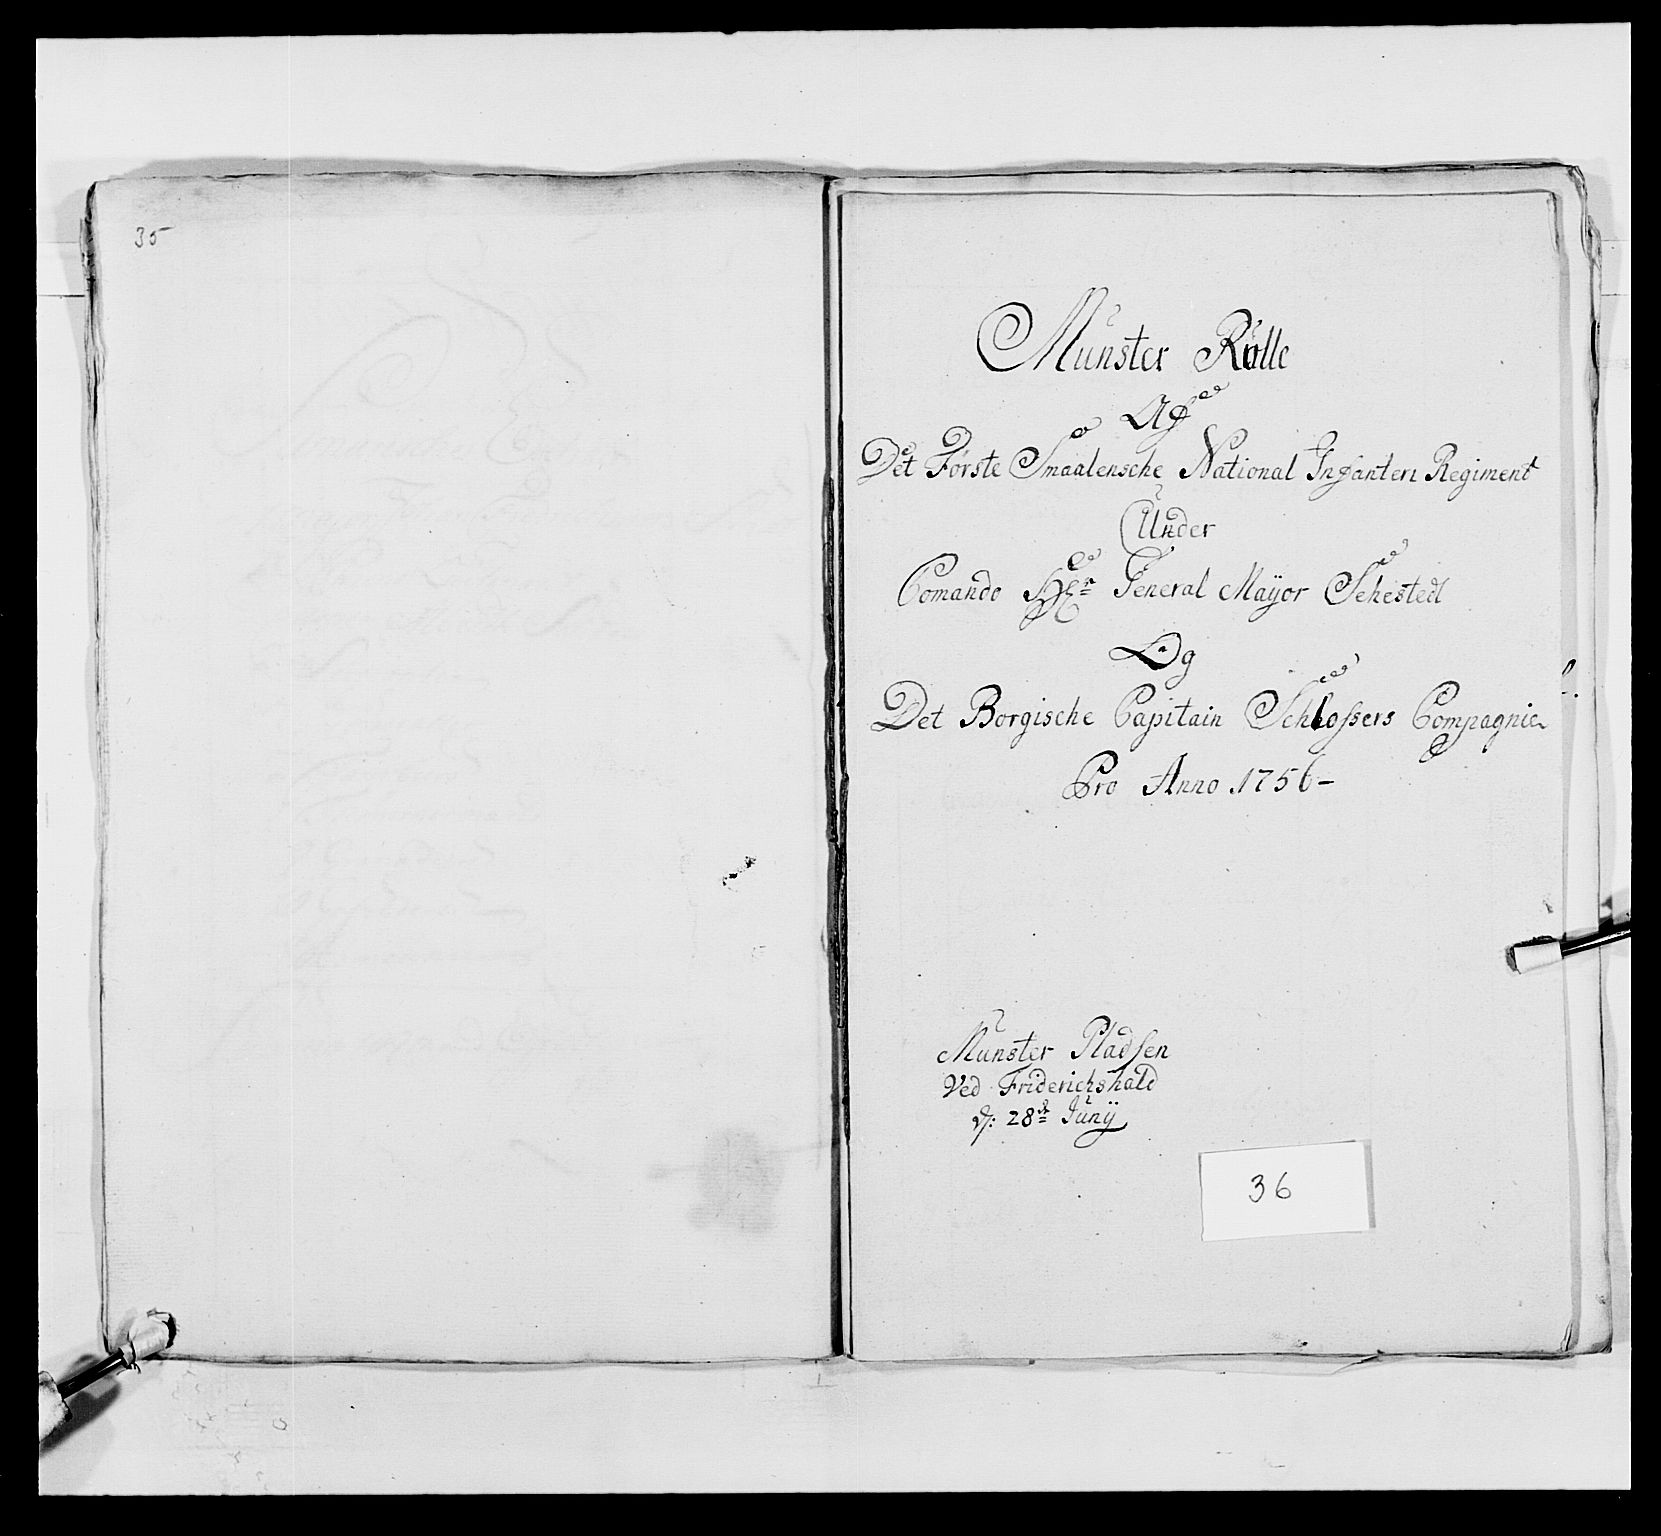 RA, Kommanderende general (KG I) med Det norske krigsdirektorium, E/Ea/L0495: 1. Smålenske regiment, 1732-1763, s. 513